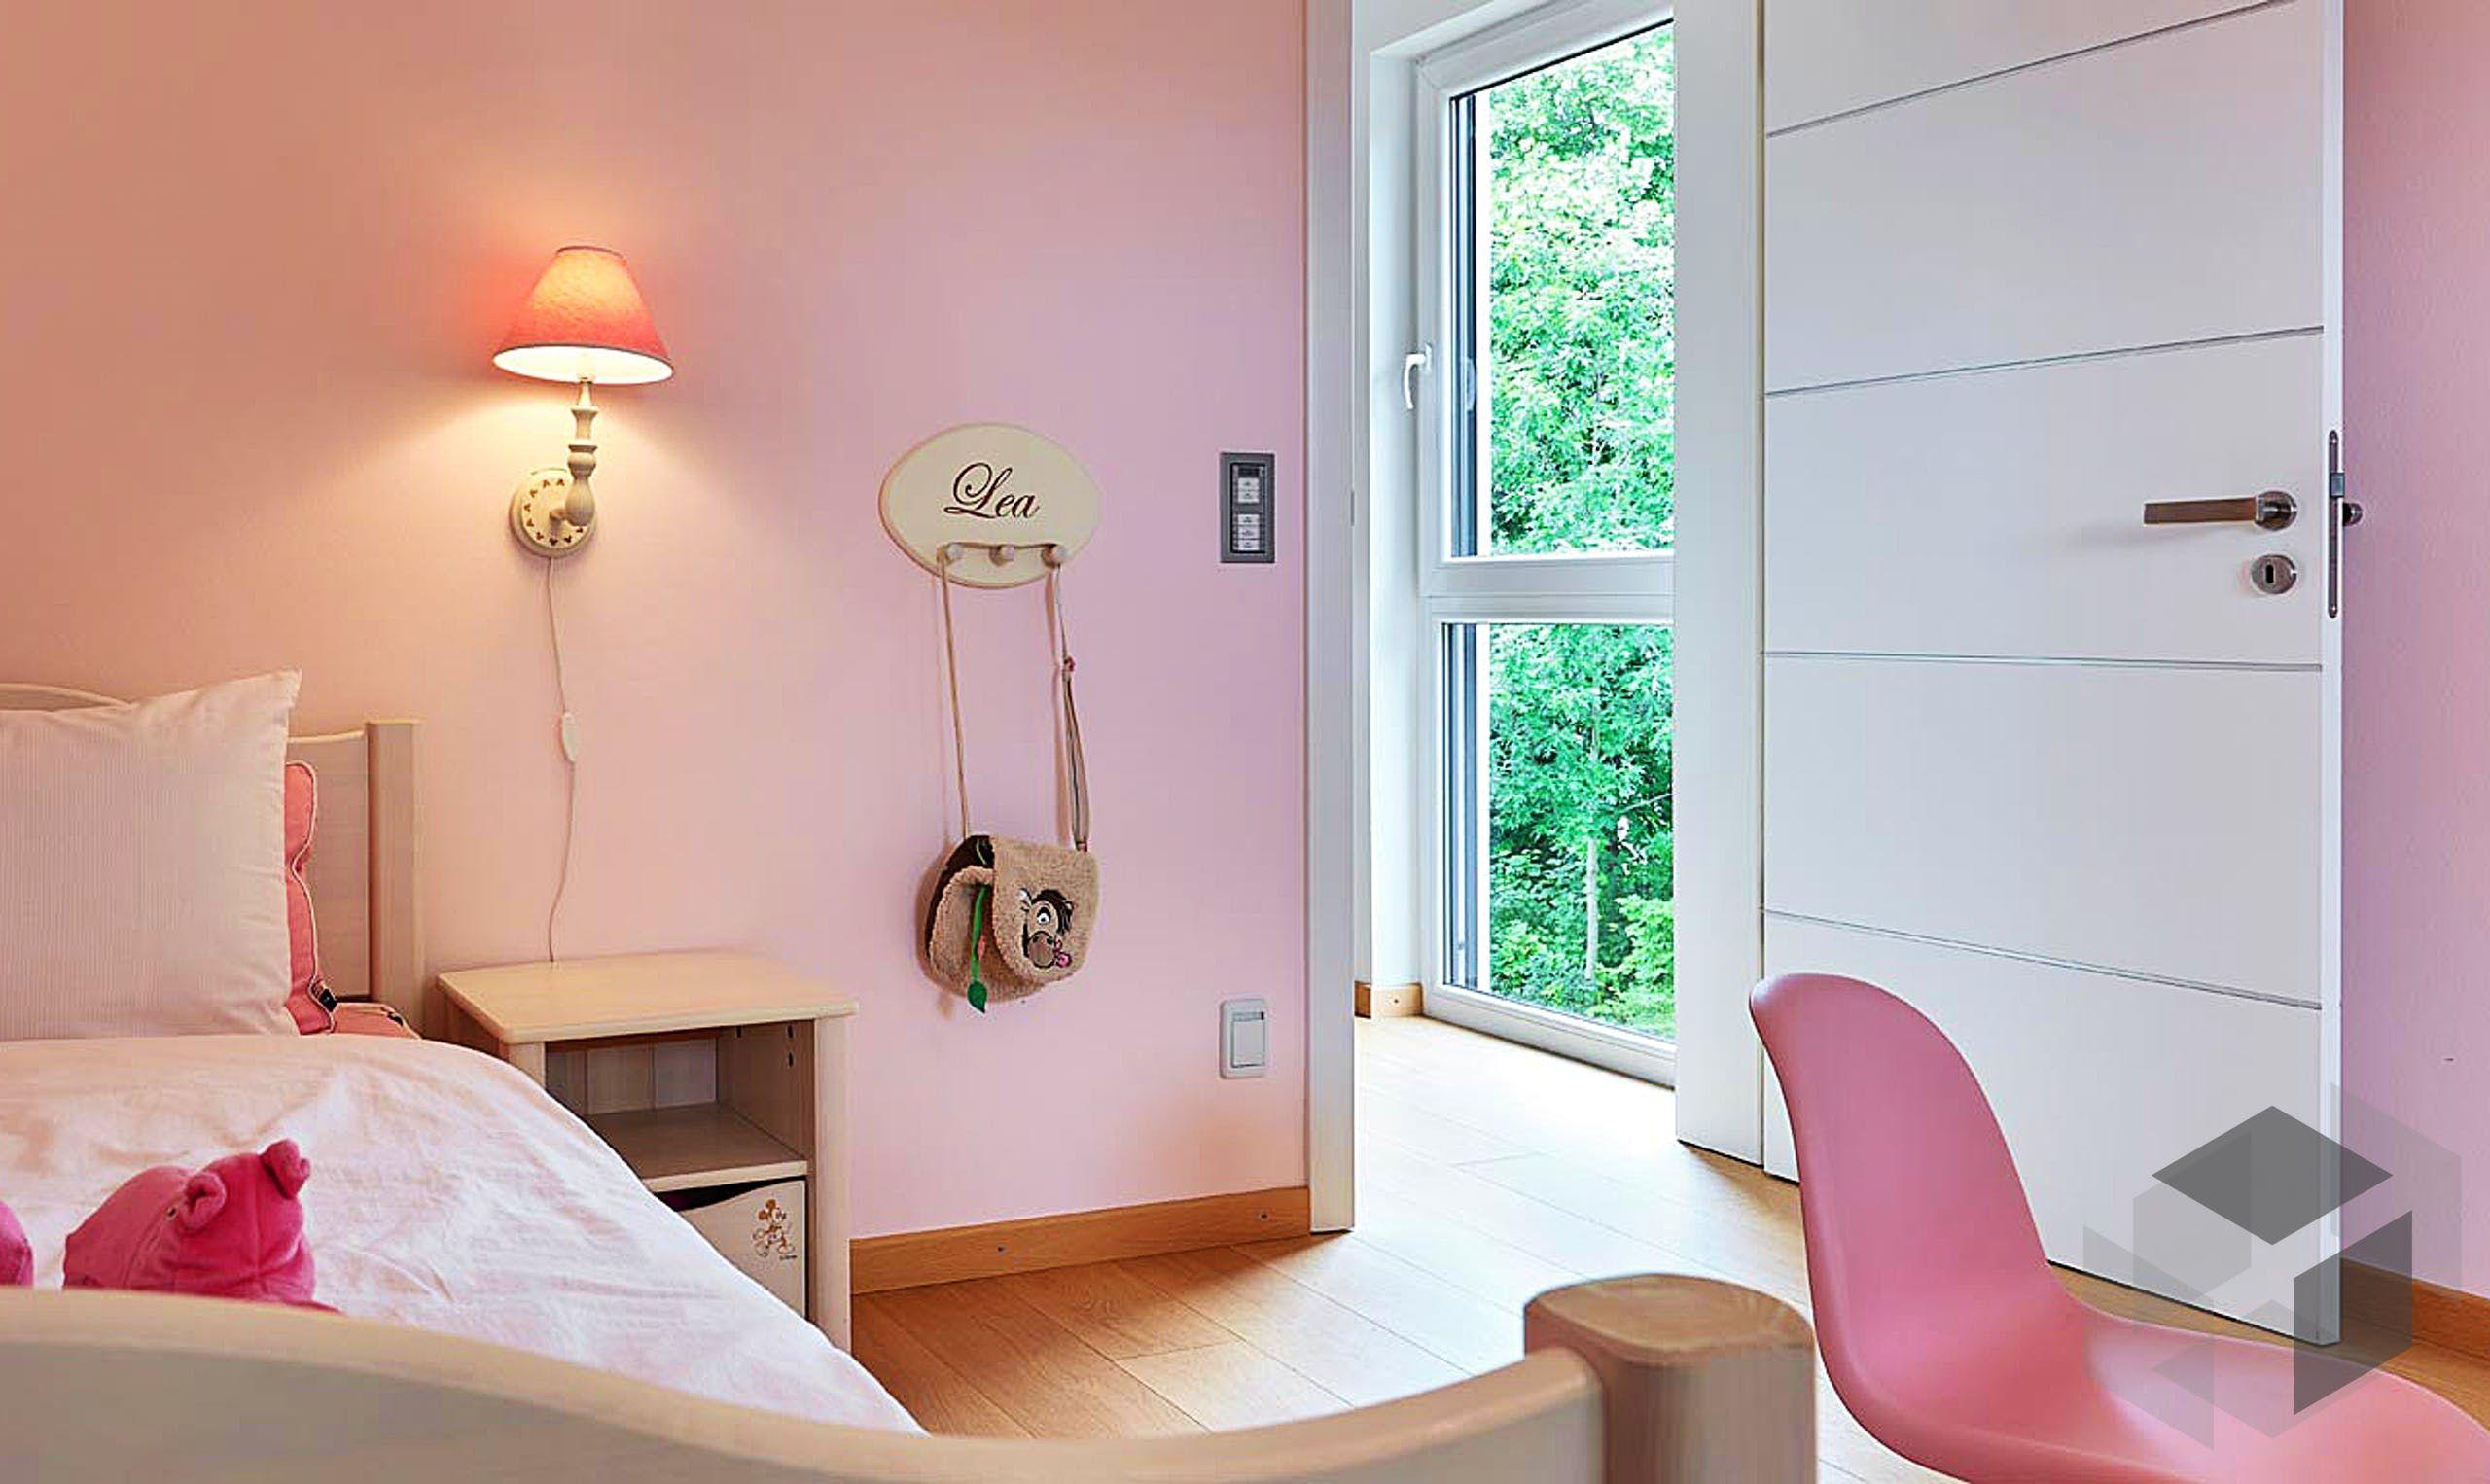 Fabelhaft Kuschelhöhle Kinderzimmer Beste Wahl Inspiration Von | S Zum Mit Einem